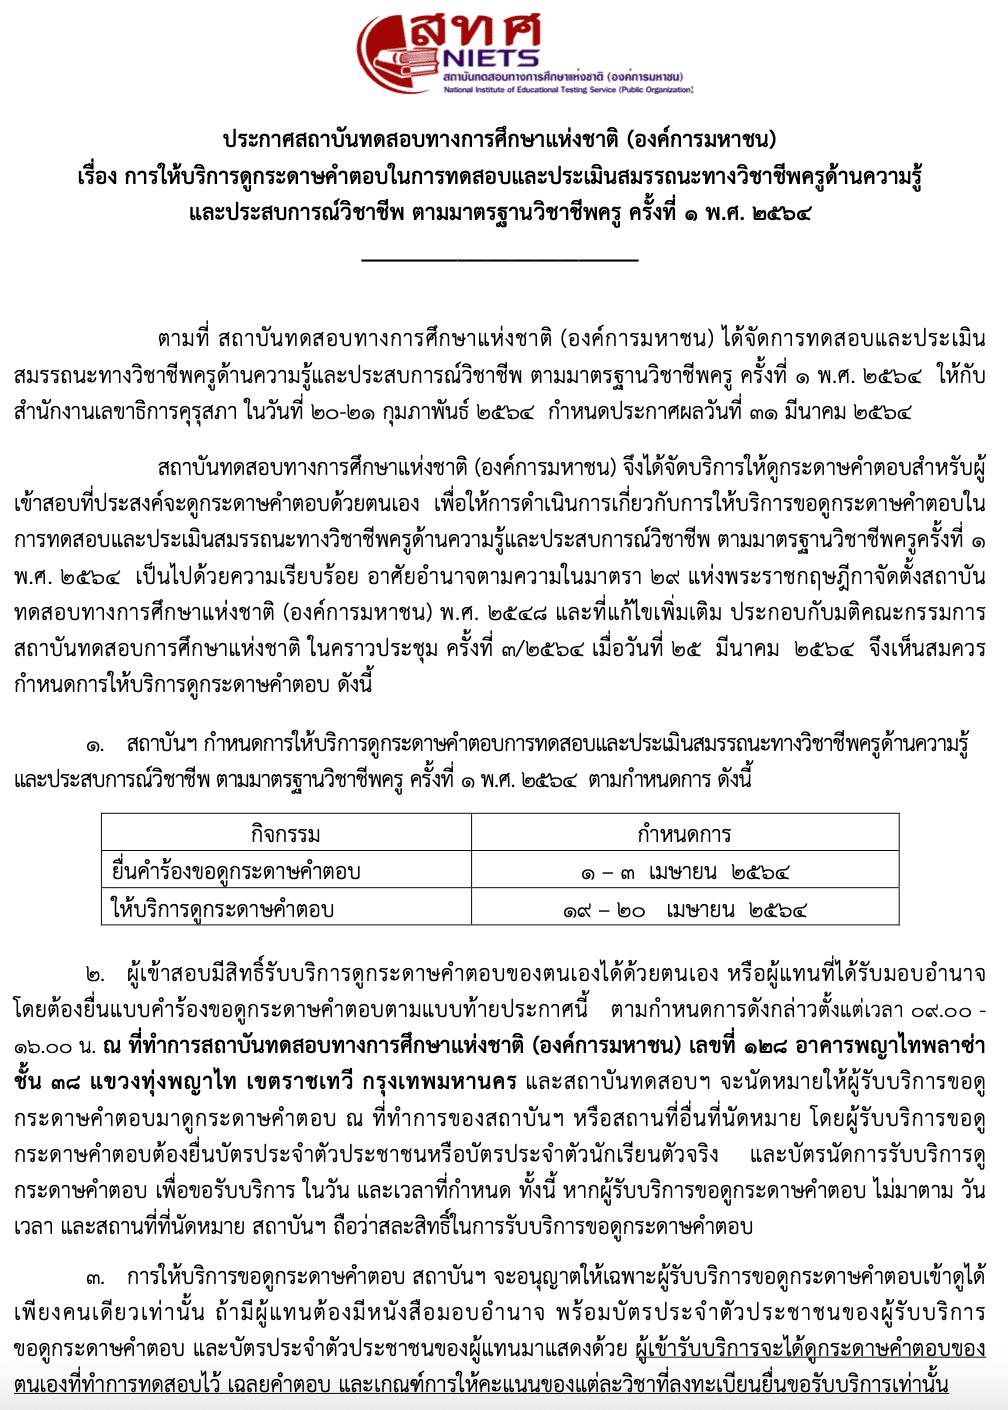 สทศ. เปิดให้บริการดูกระดาษคำตอบ การทดสอบและประเมินสมรรถนะทางวิชาชีพครู ครั้งที่ 1 พ.ศ. 2564 ยื่นคำร้อง 1 - 3 เมษายน 2564